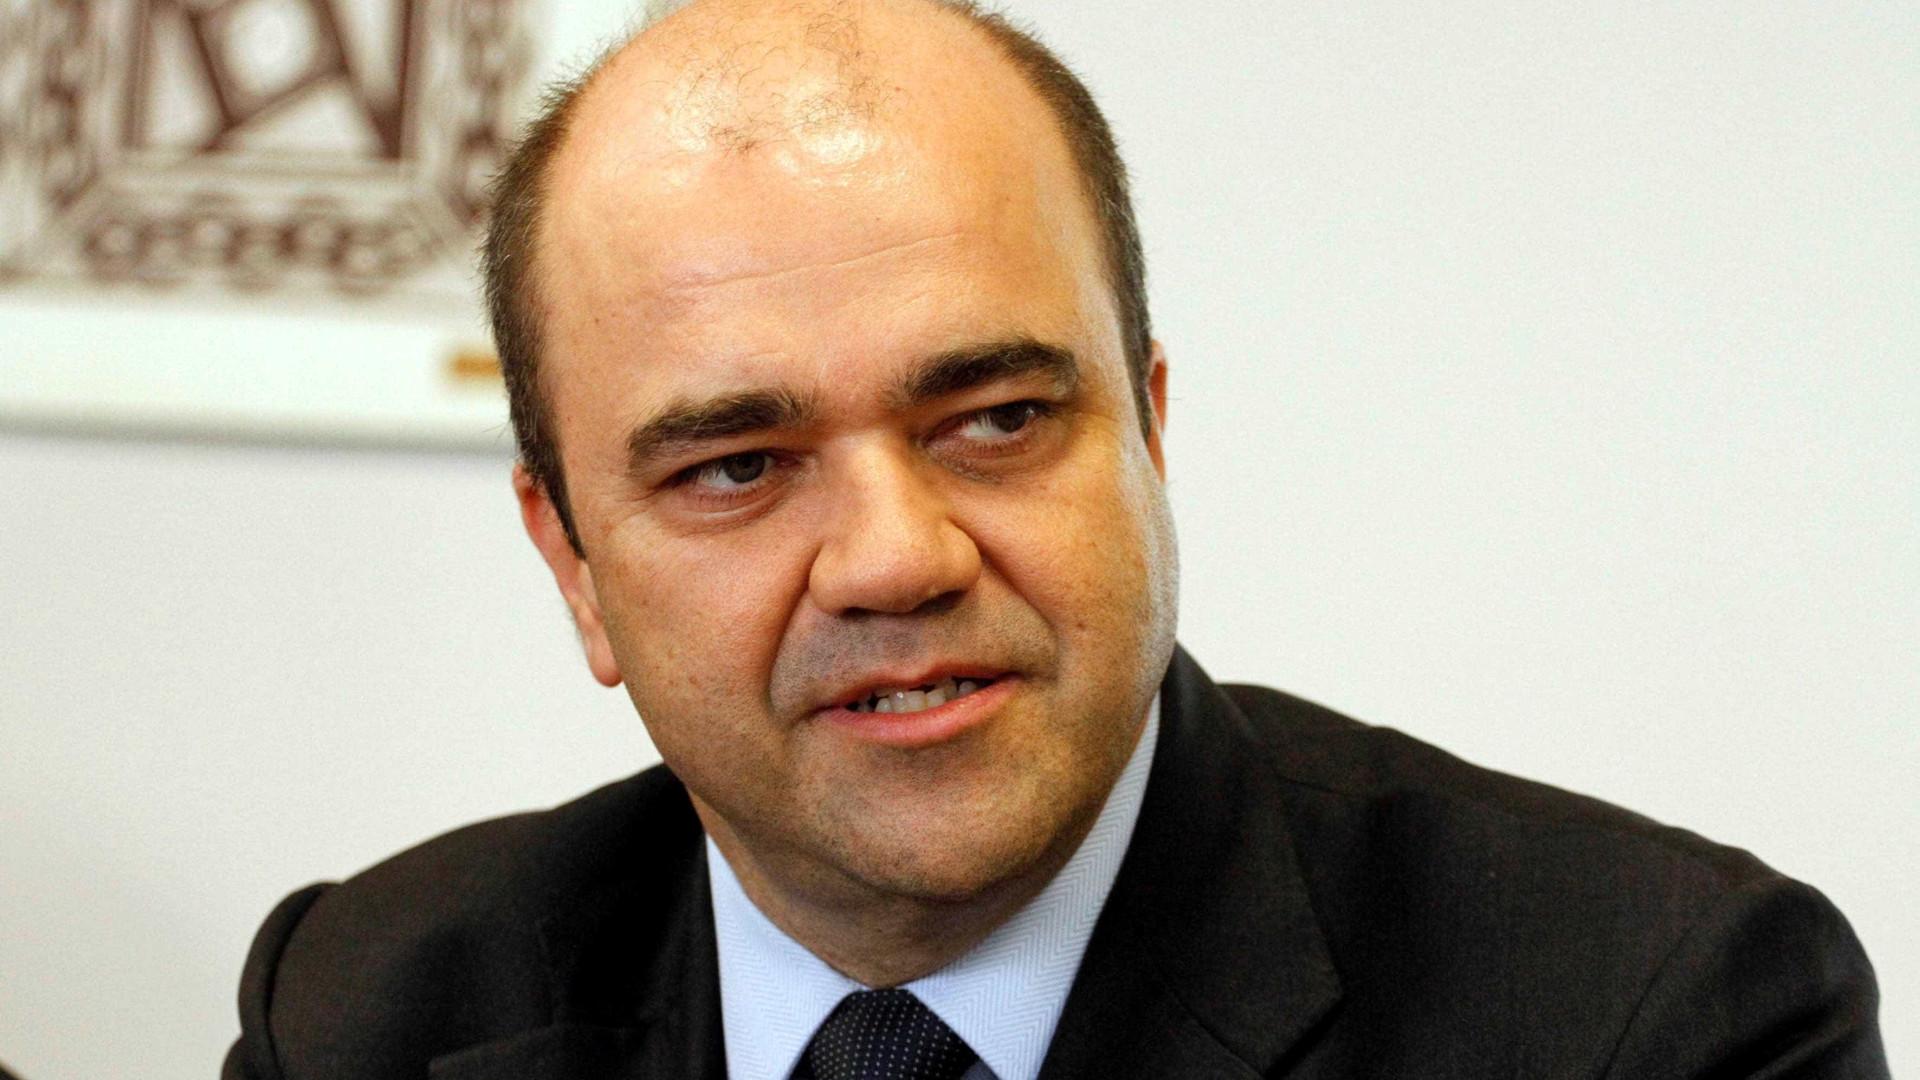 'Se burlarem direitos sociais, vamos agir', diz procurador-geral